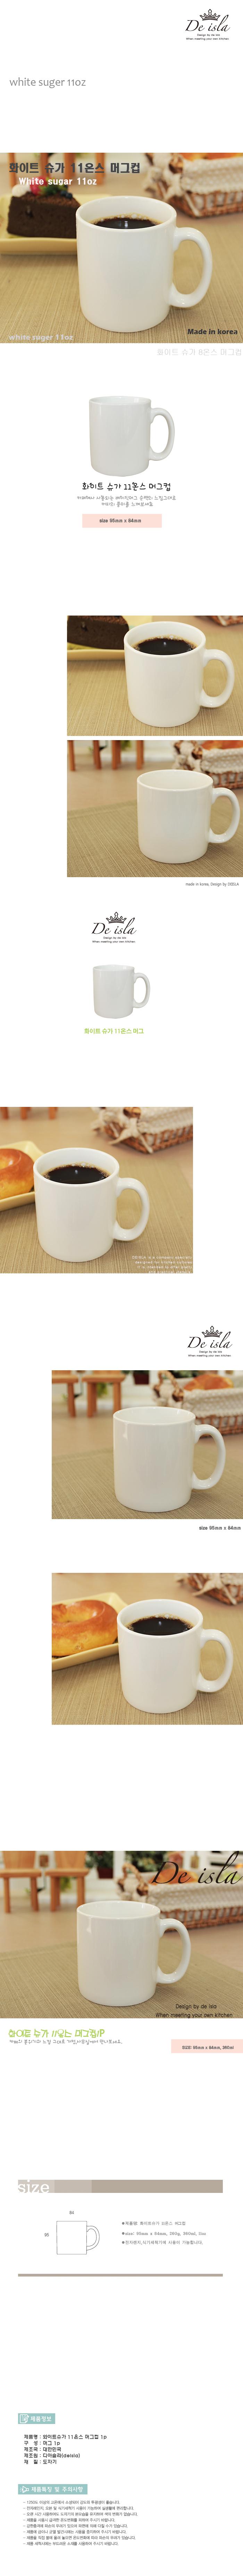 화이트 슈가 11온스 머그컵 - 디아슬라, 5,500원, 머그컵, 심플머그